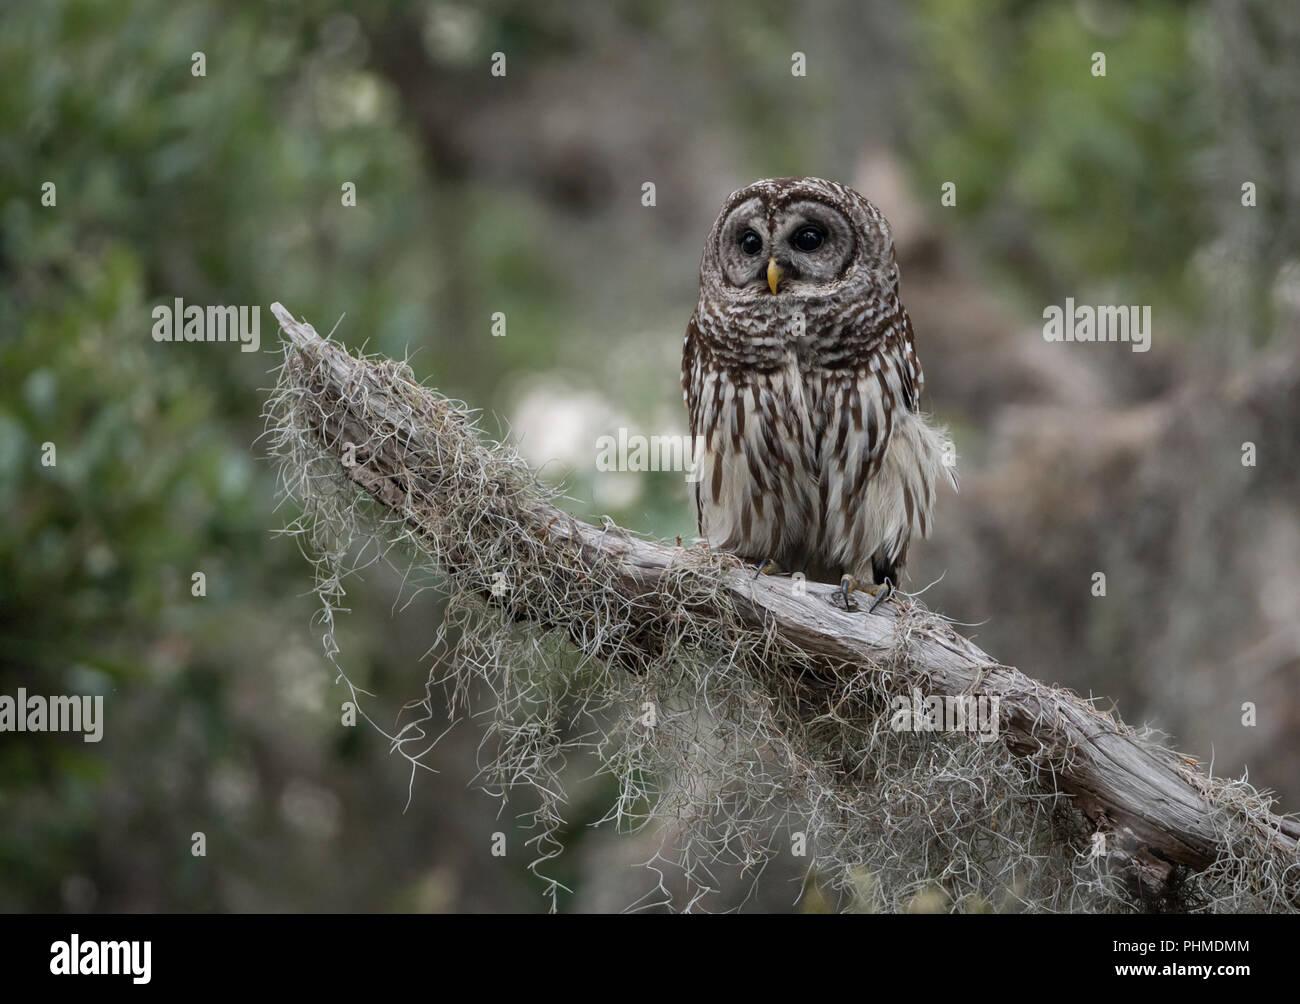 Barred Owl in Beautiful Scenery - Stock Image